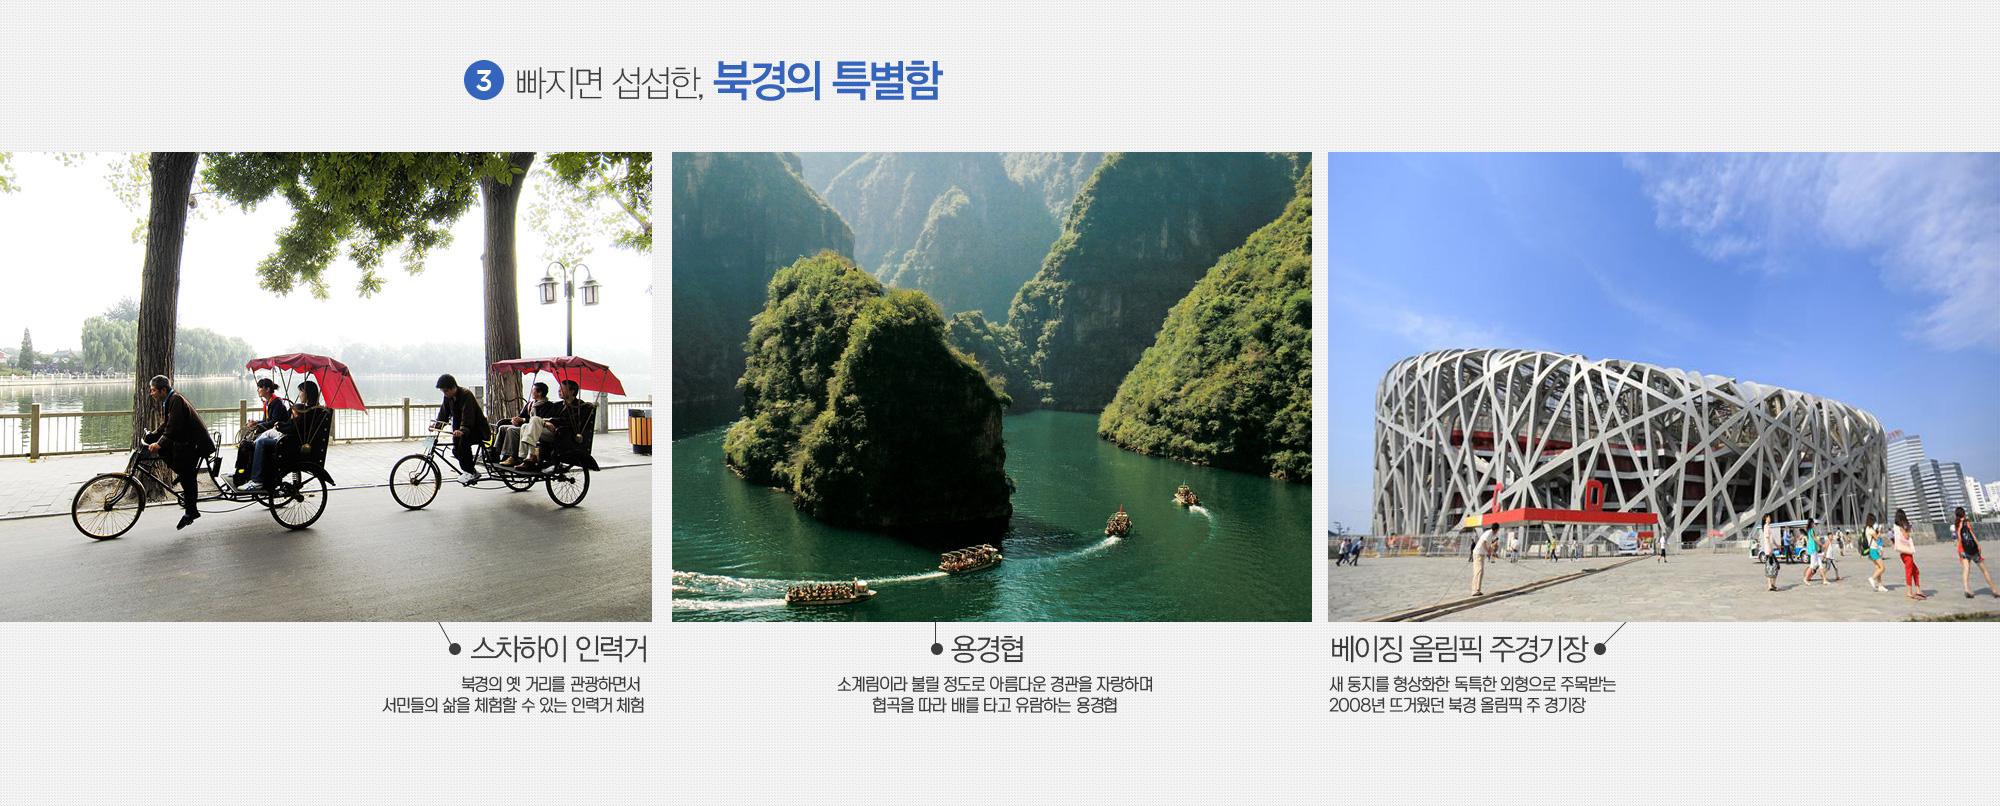 3.빠지면 섭섭한, 북경의 특별함-스치하이 인력거,용경협,베이징 올림픽 주경기장